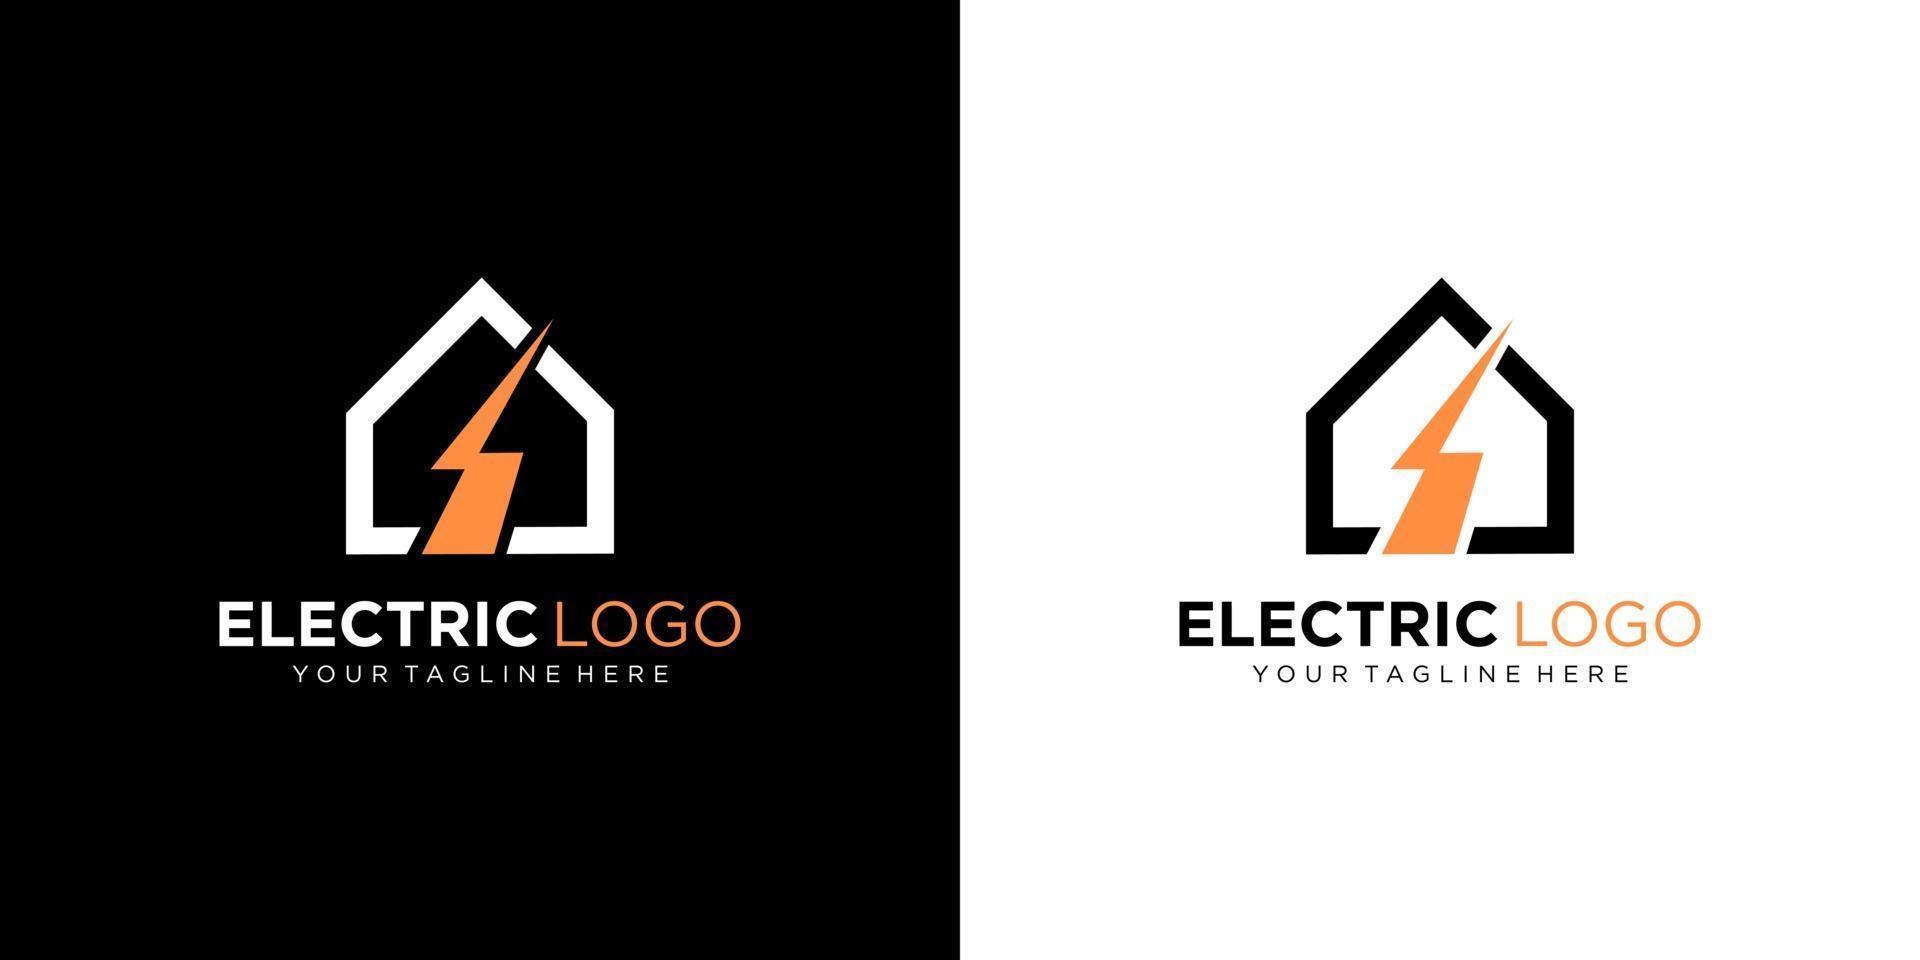 elektrisk logotyp formgivningsmall vektor